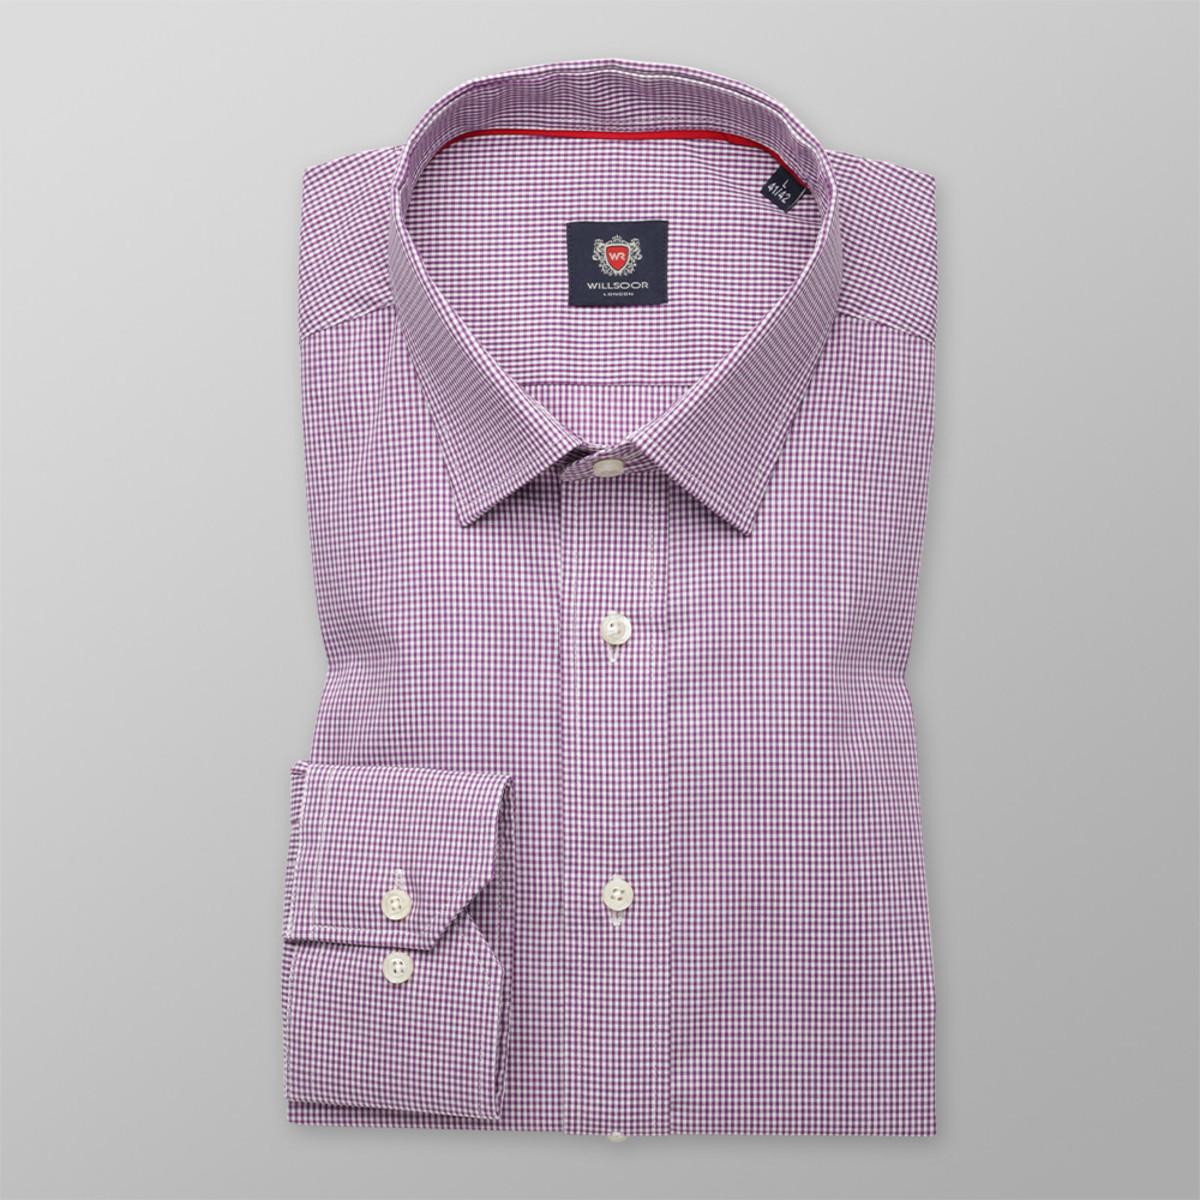 Košile London s kostkovaným vzorem (výška 164-170) 9825 164-170 / L (41/42)